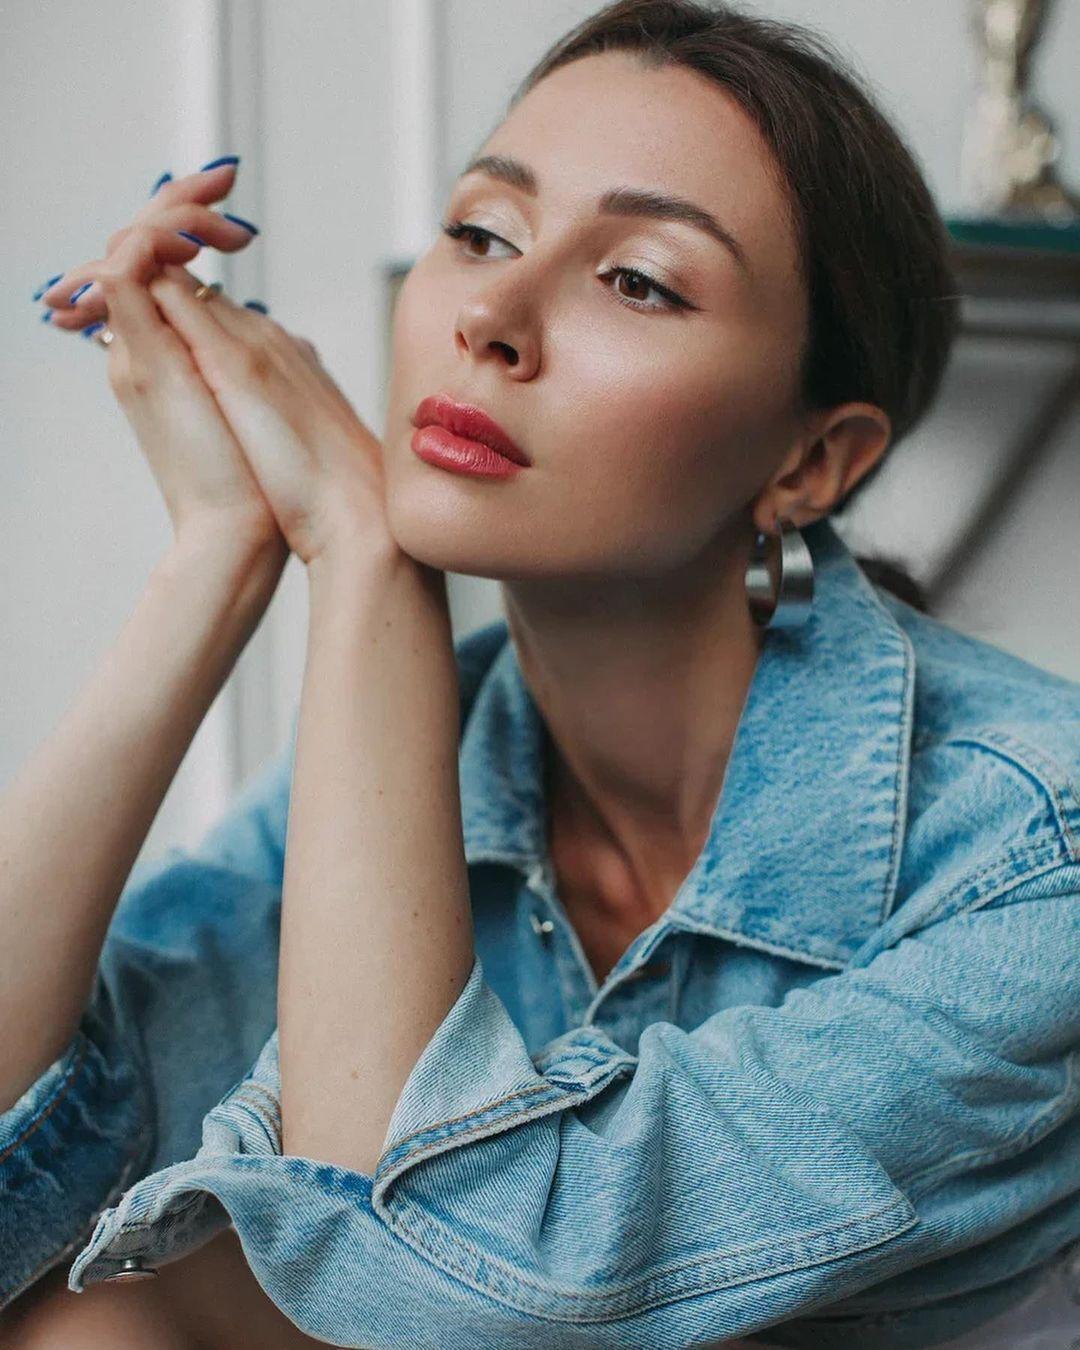 Анна Заворотнюк с ярким макияжем.